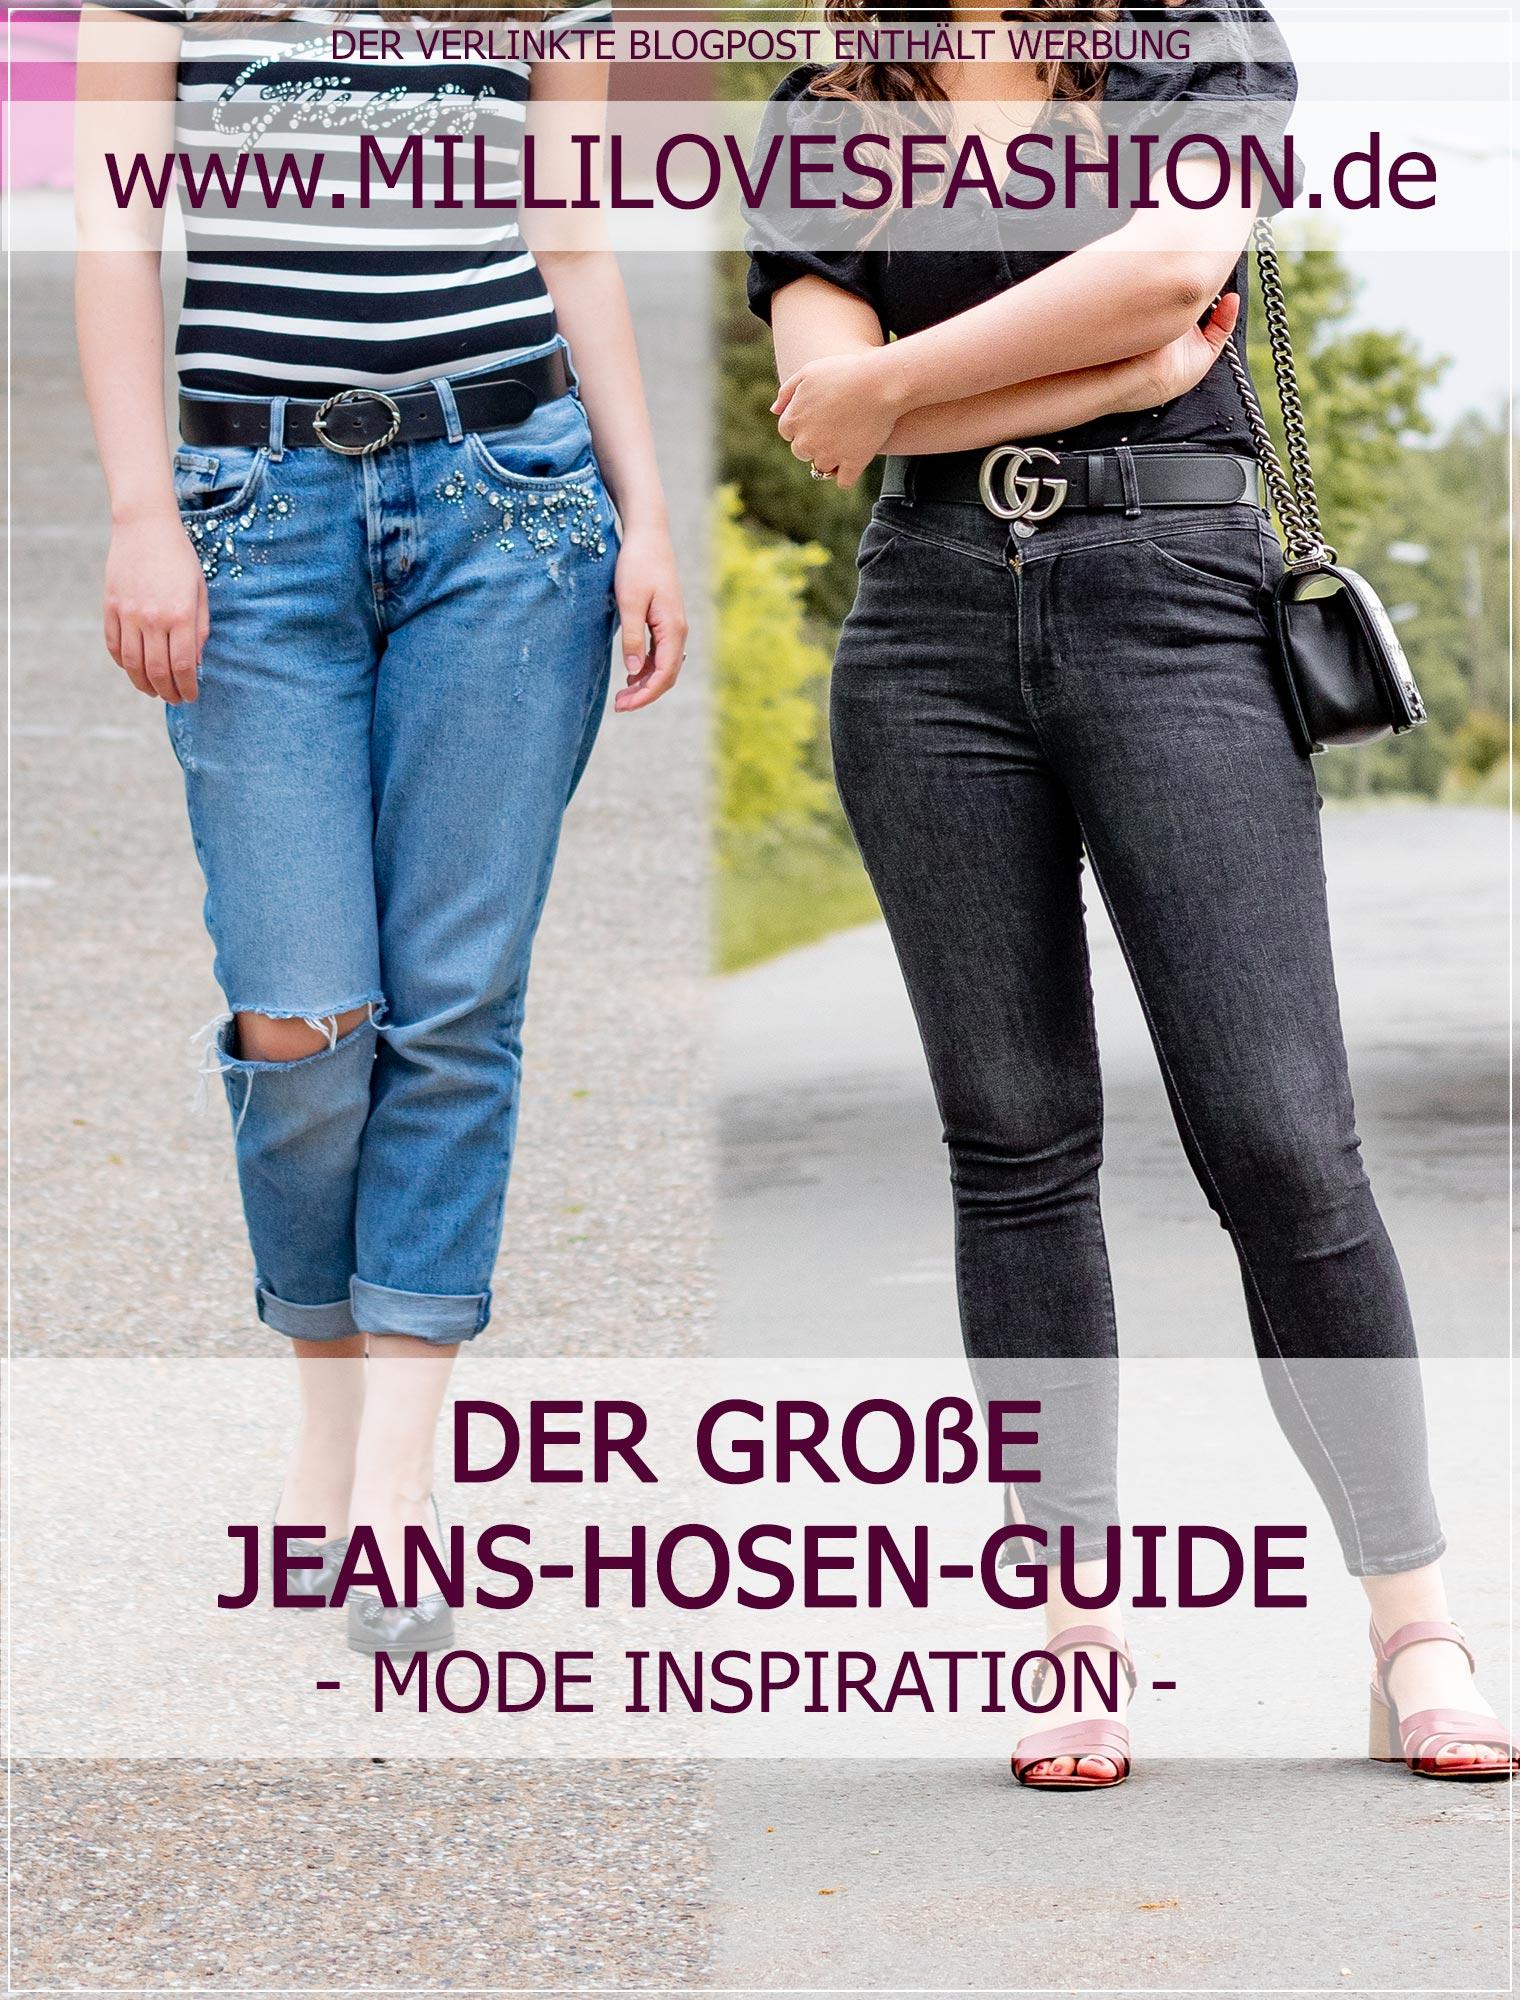 der große Jeansguide mit den wichtigsten Jeans für jede Figur